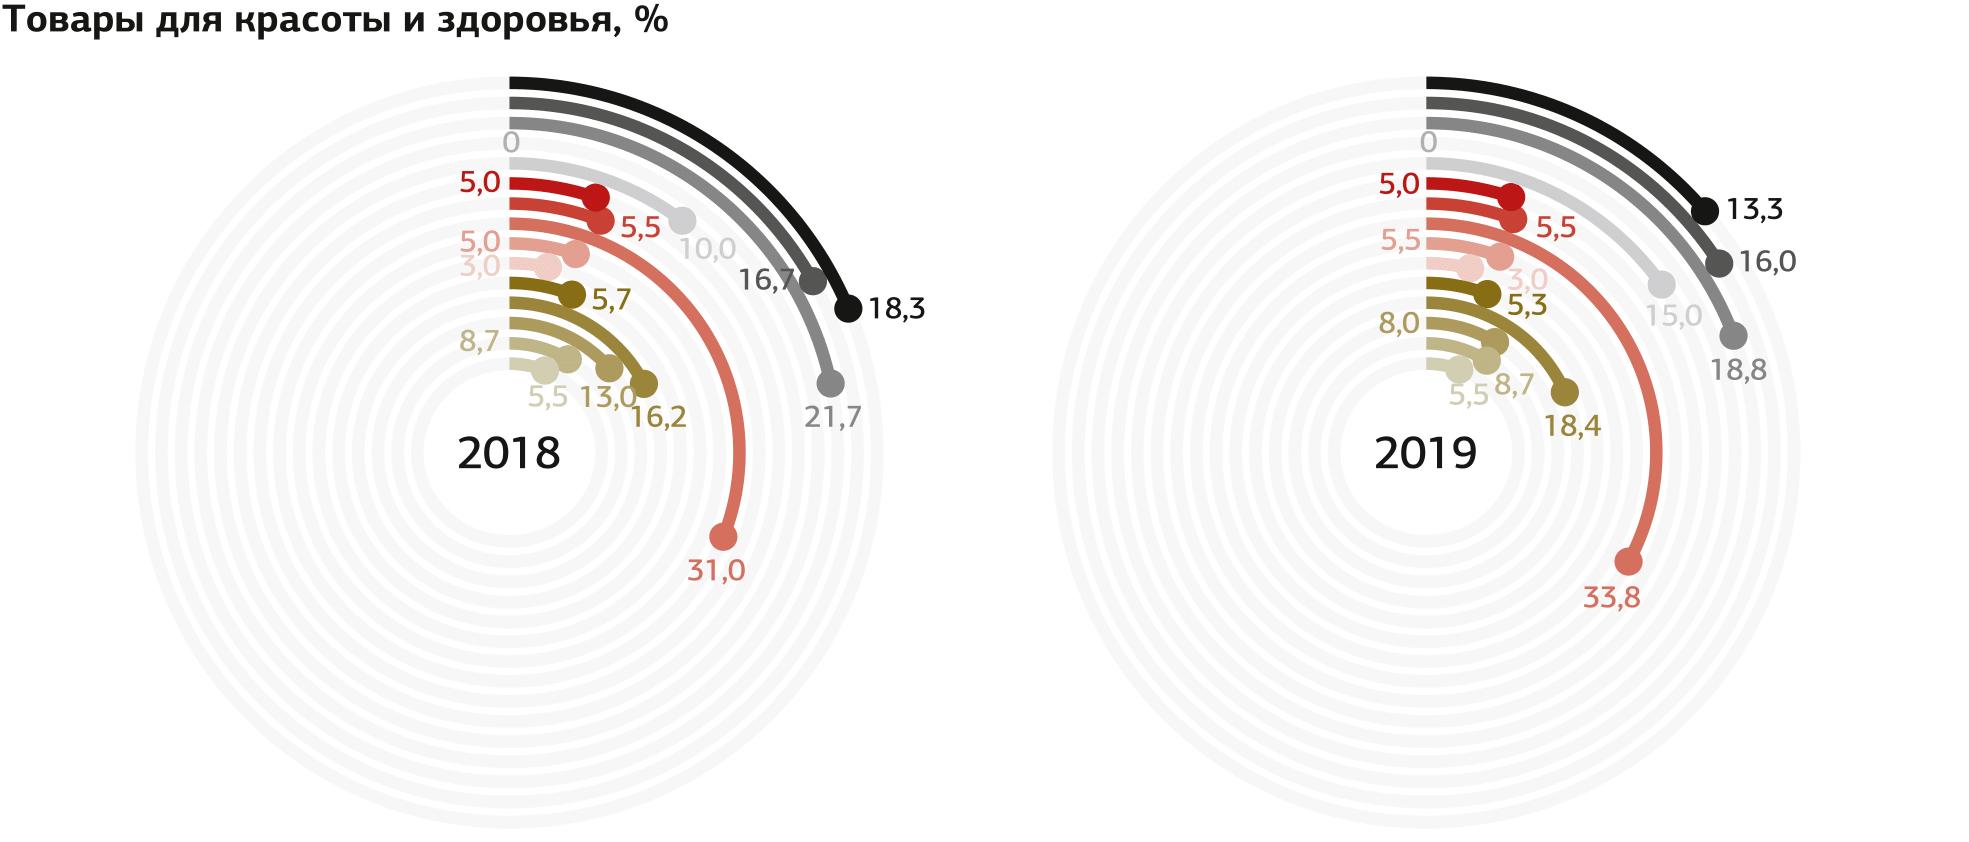 Индекс маркетинговых настроений 2018/2019 Inf_web-33